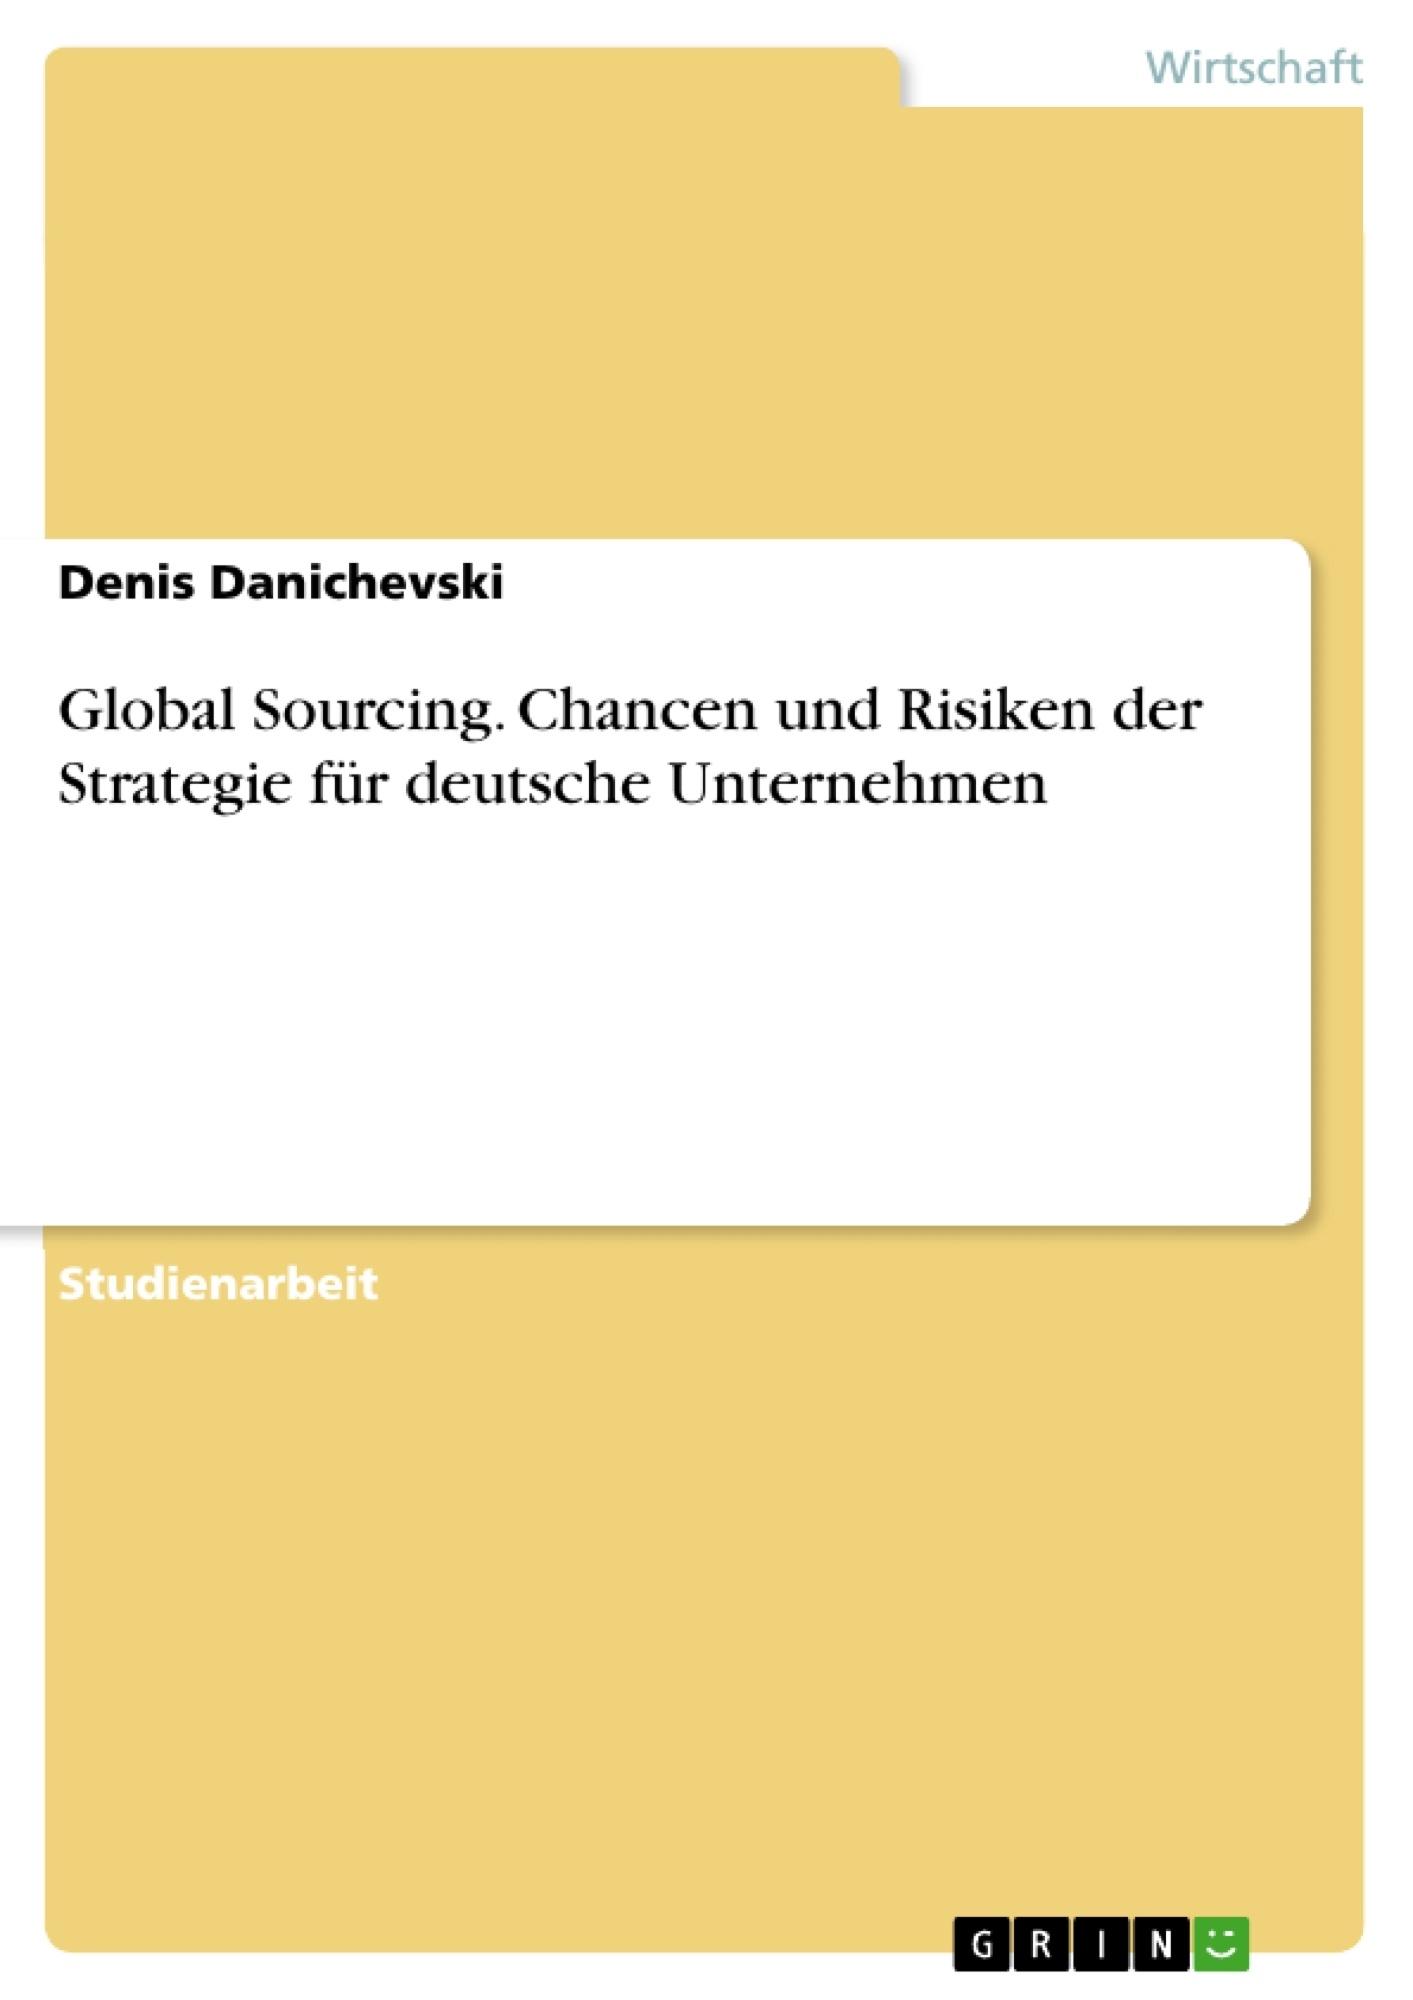 Titel: Global Sourcing. Chancen und Risiken der Strategie für deutsche Unternehmen